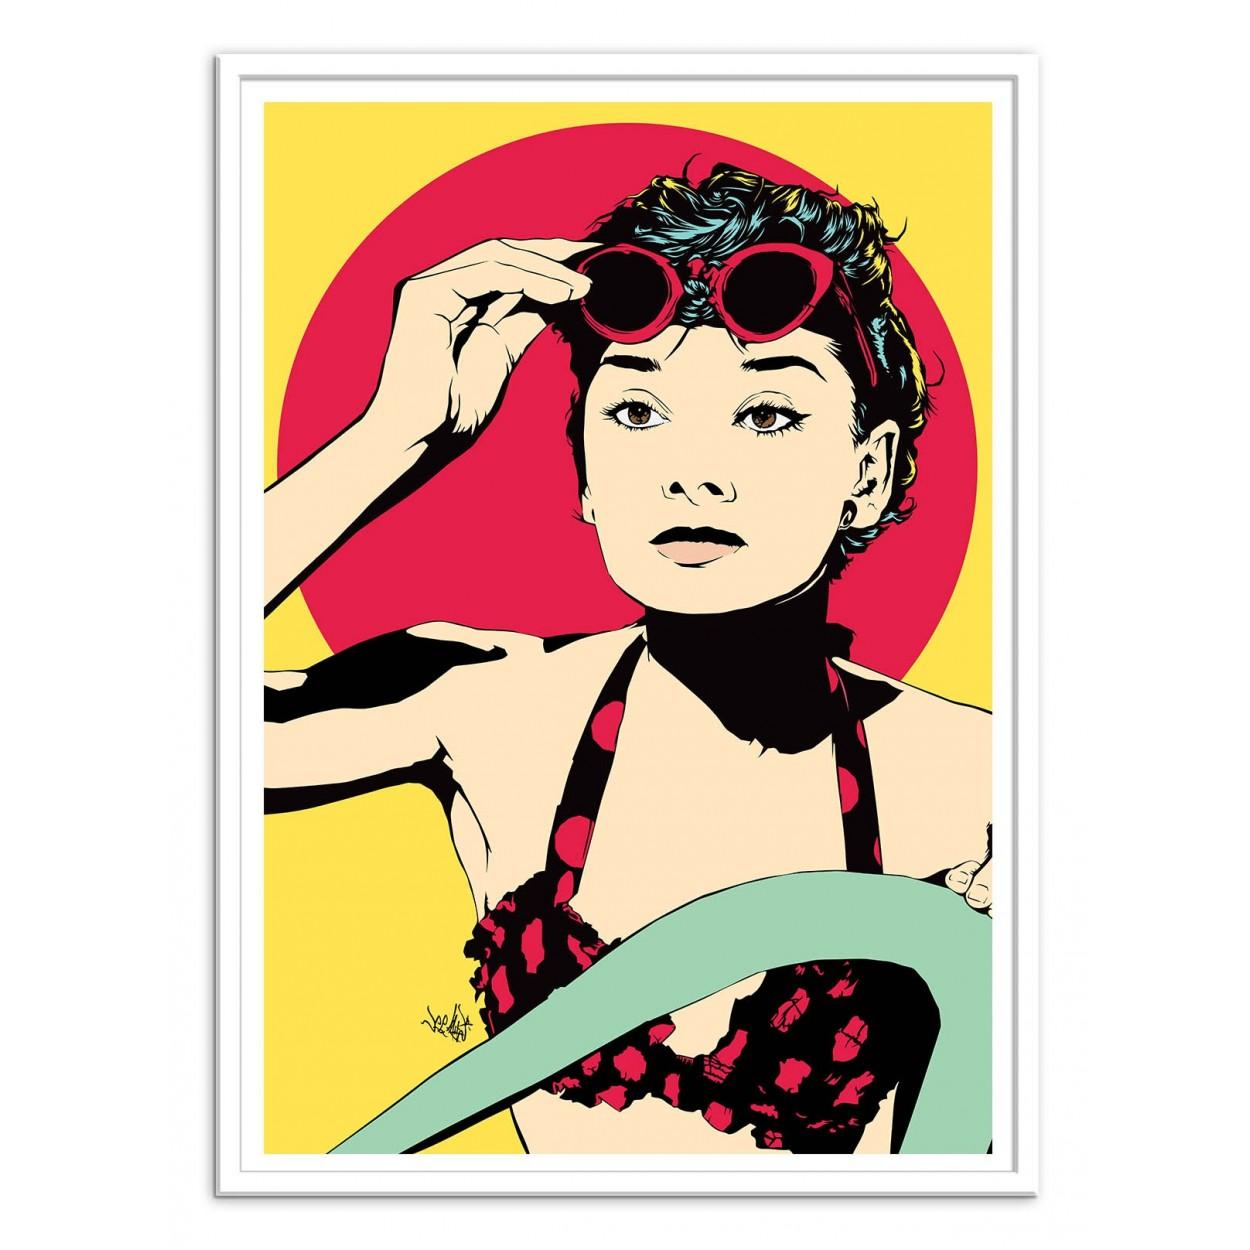 affiche art poster print frame portrait pop art audrey. Black Bedroom Furniture Sets. Home Design Ideas